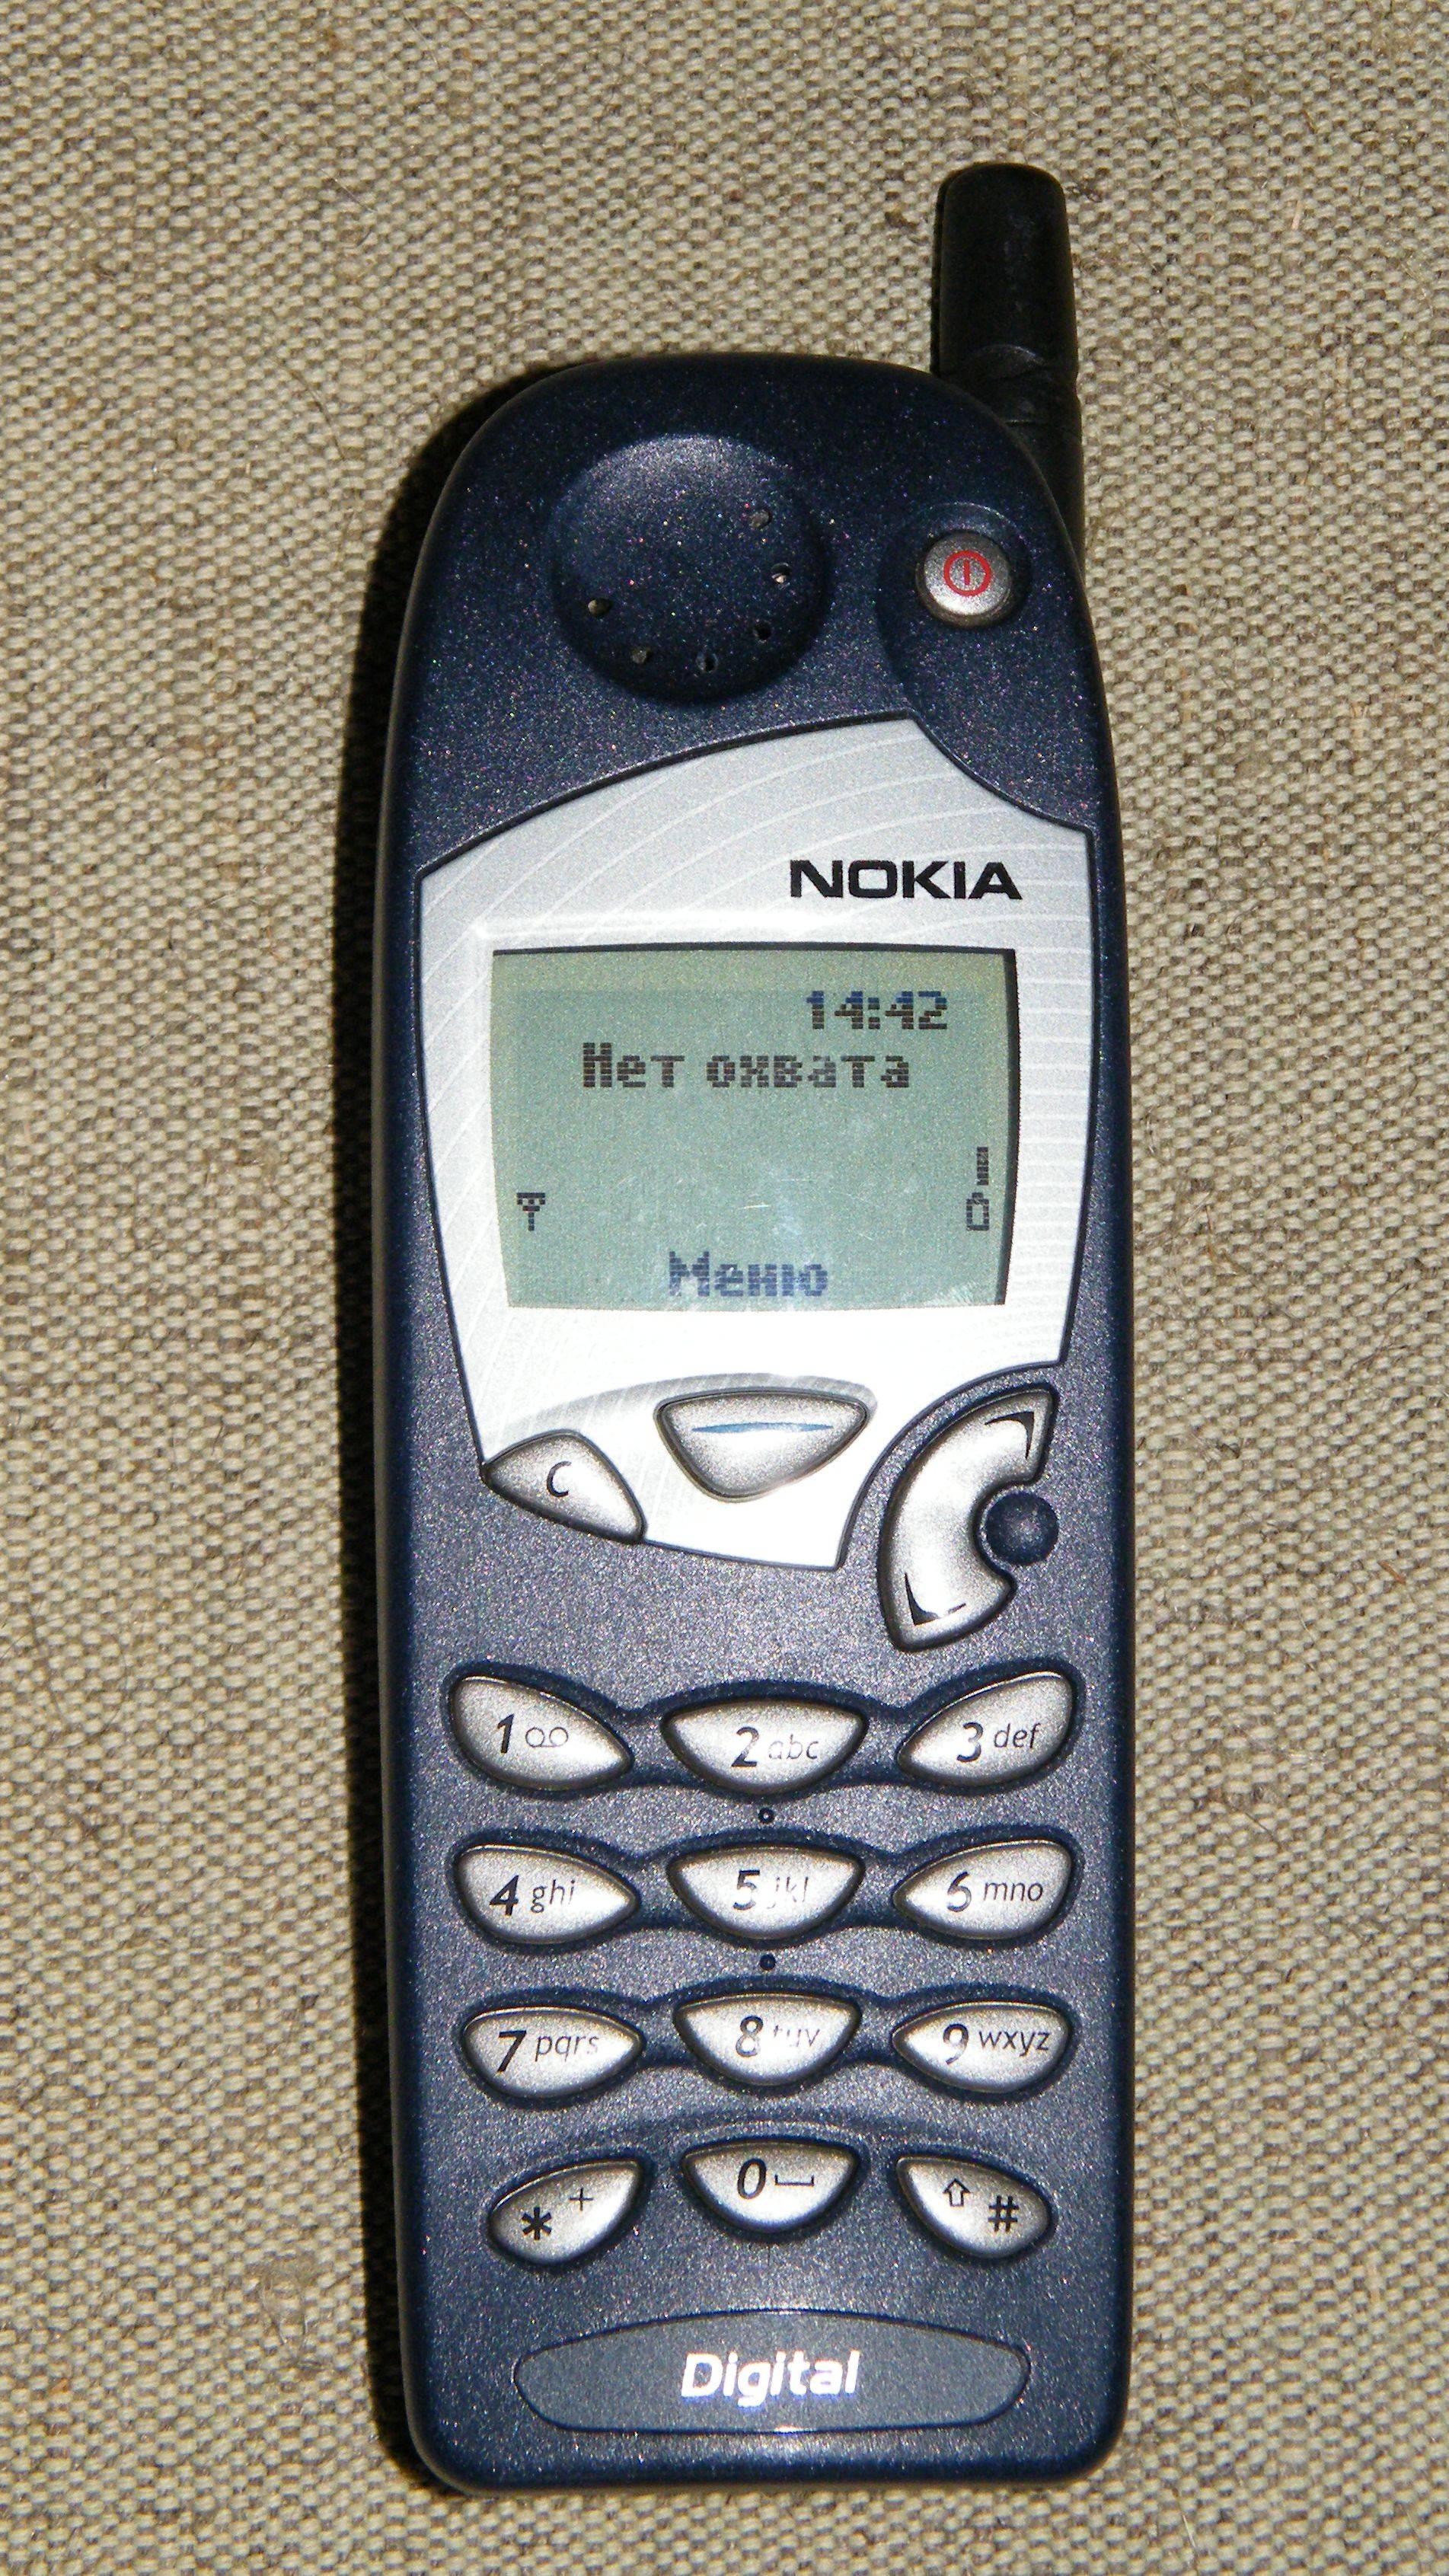 Nokia 5125 Wikipedia Nokia 5125